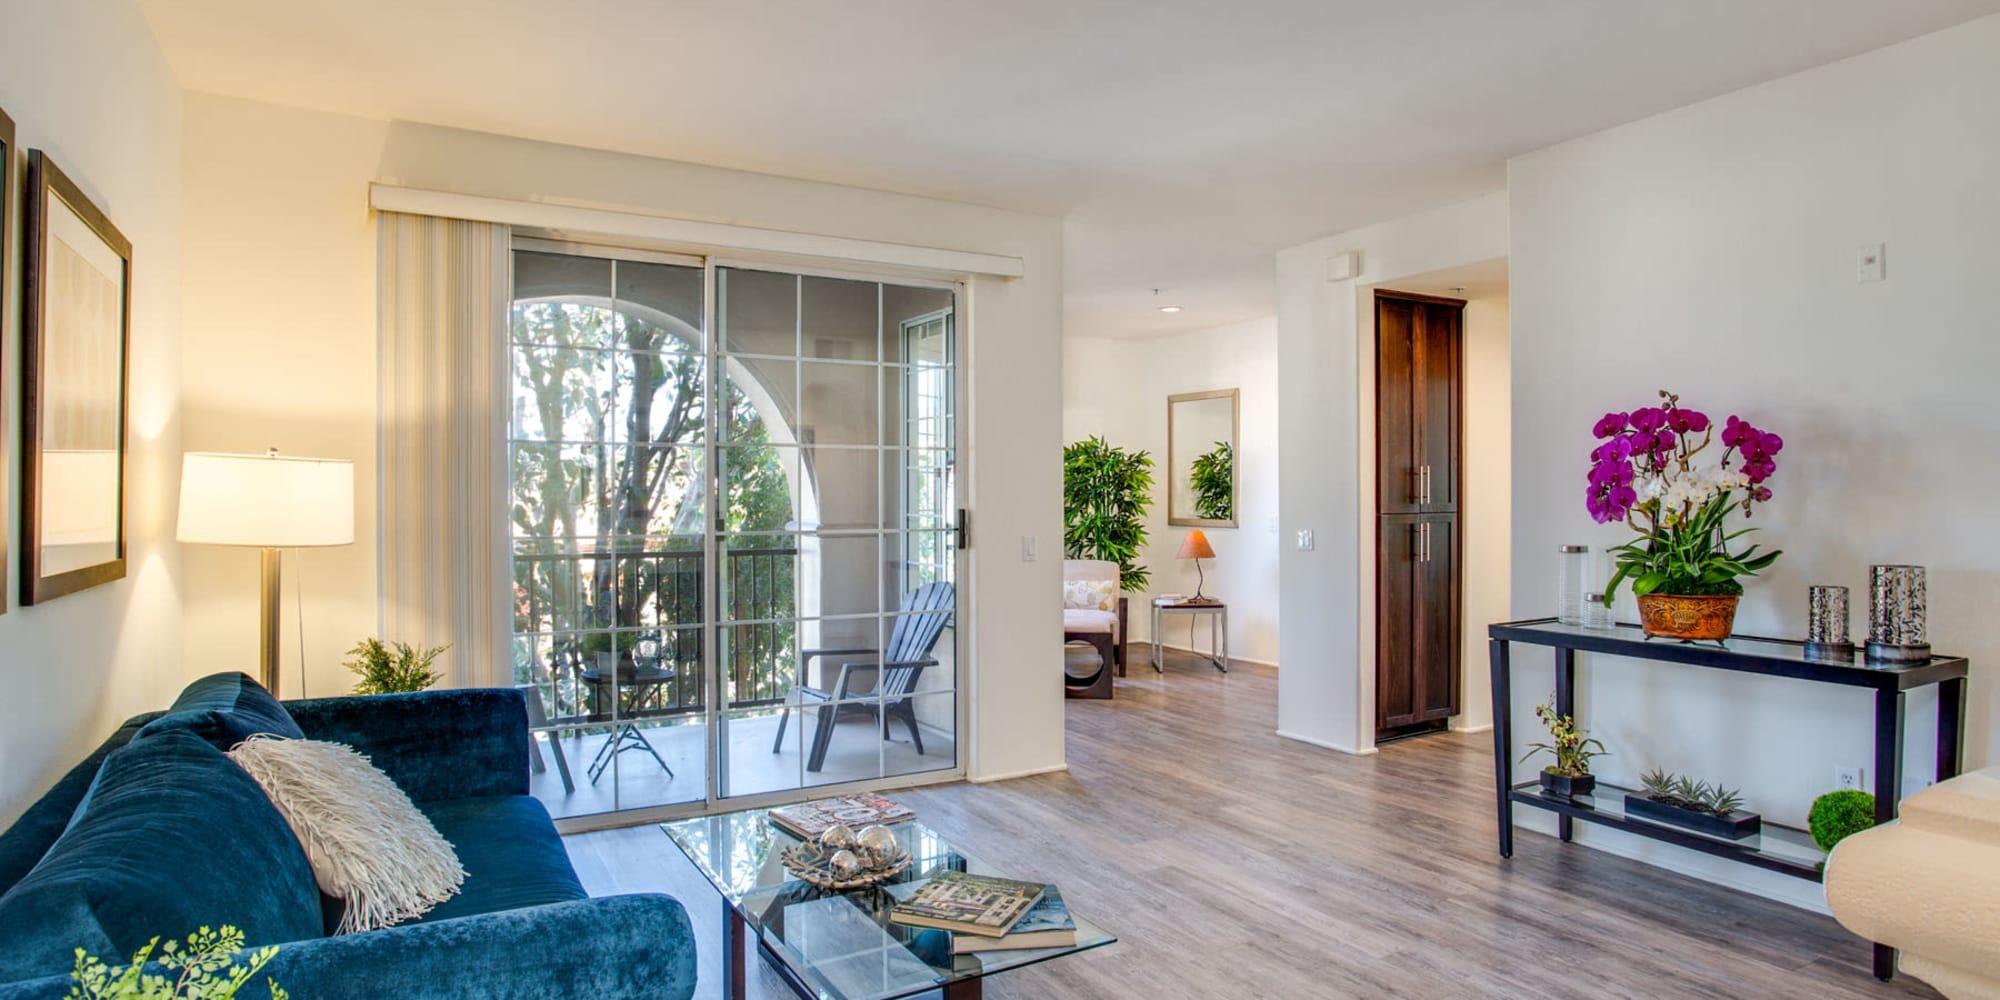 Private balcony outside a model luxury apartment's living area at L'Estancia in Studio City, California